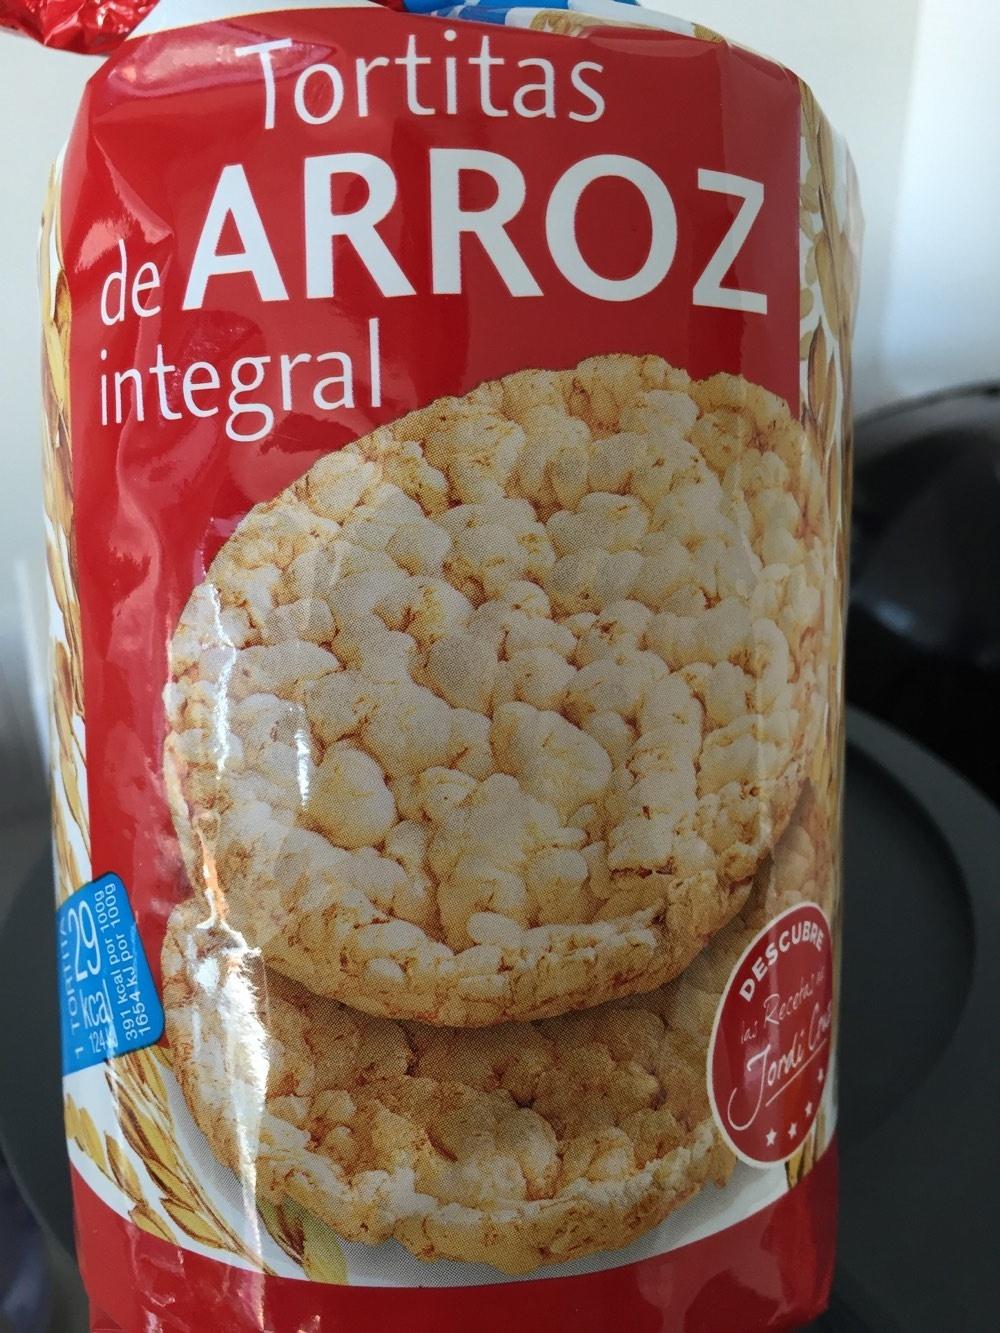 Tortitas de arroz integral - Product - fr